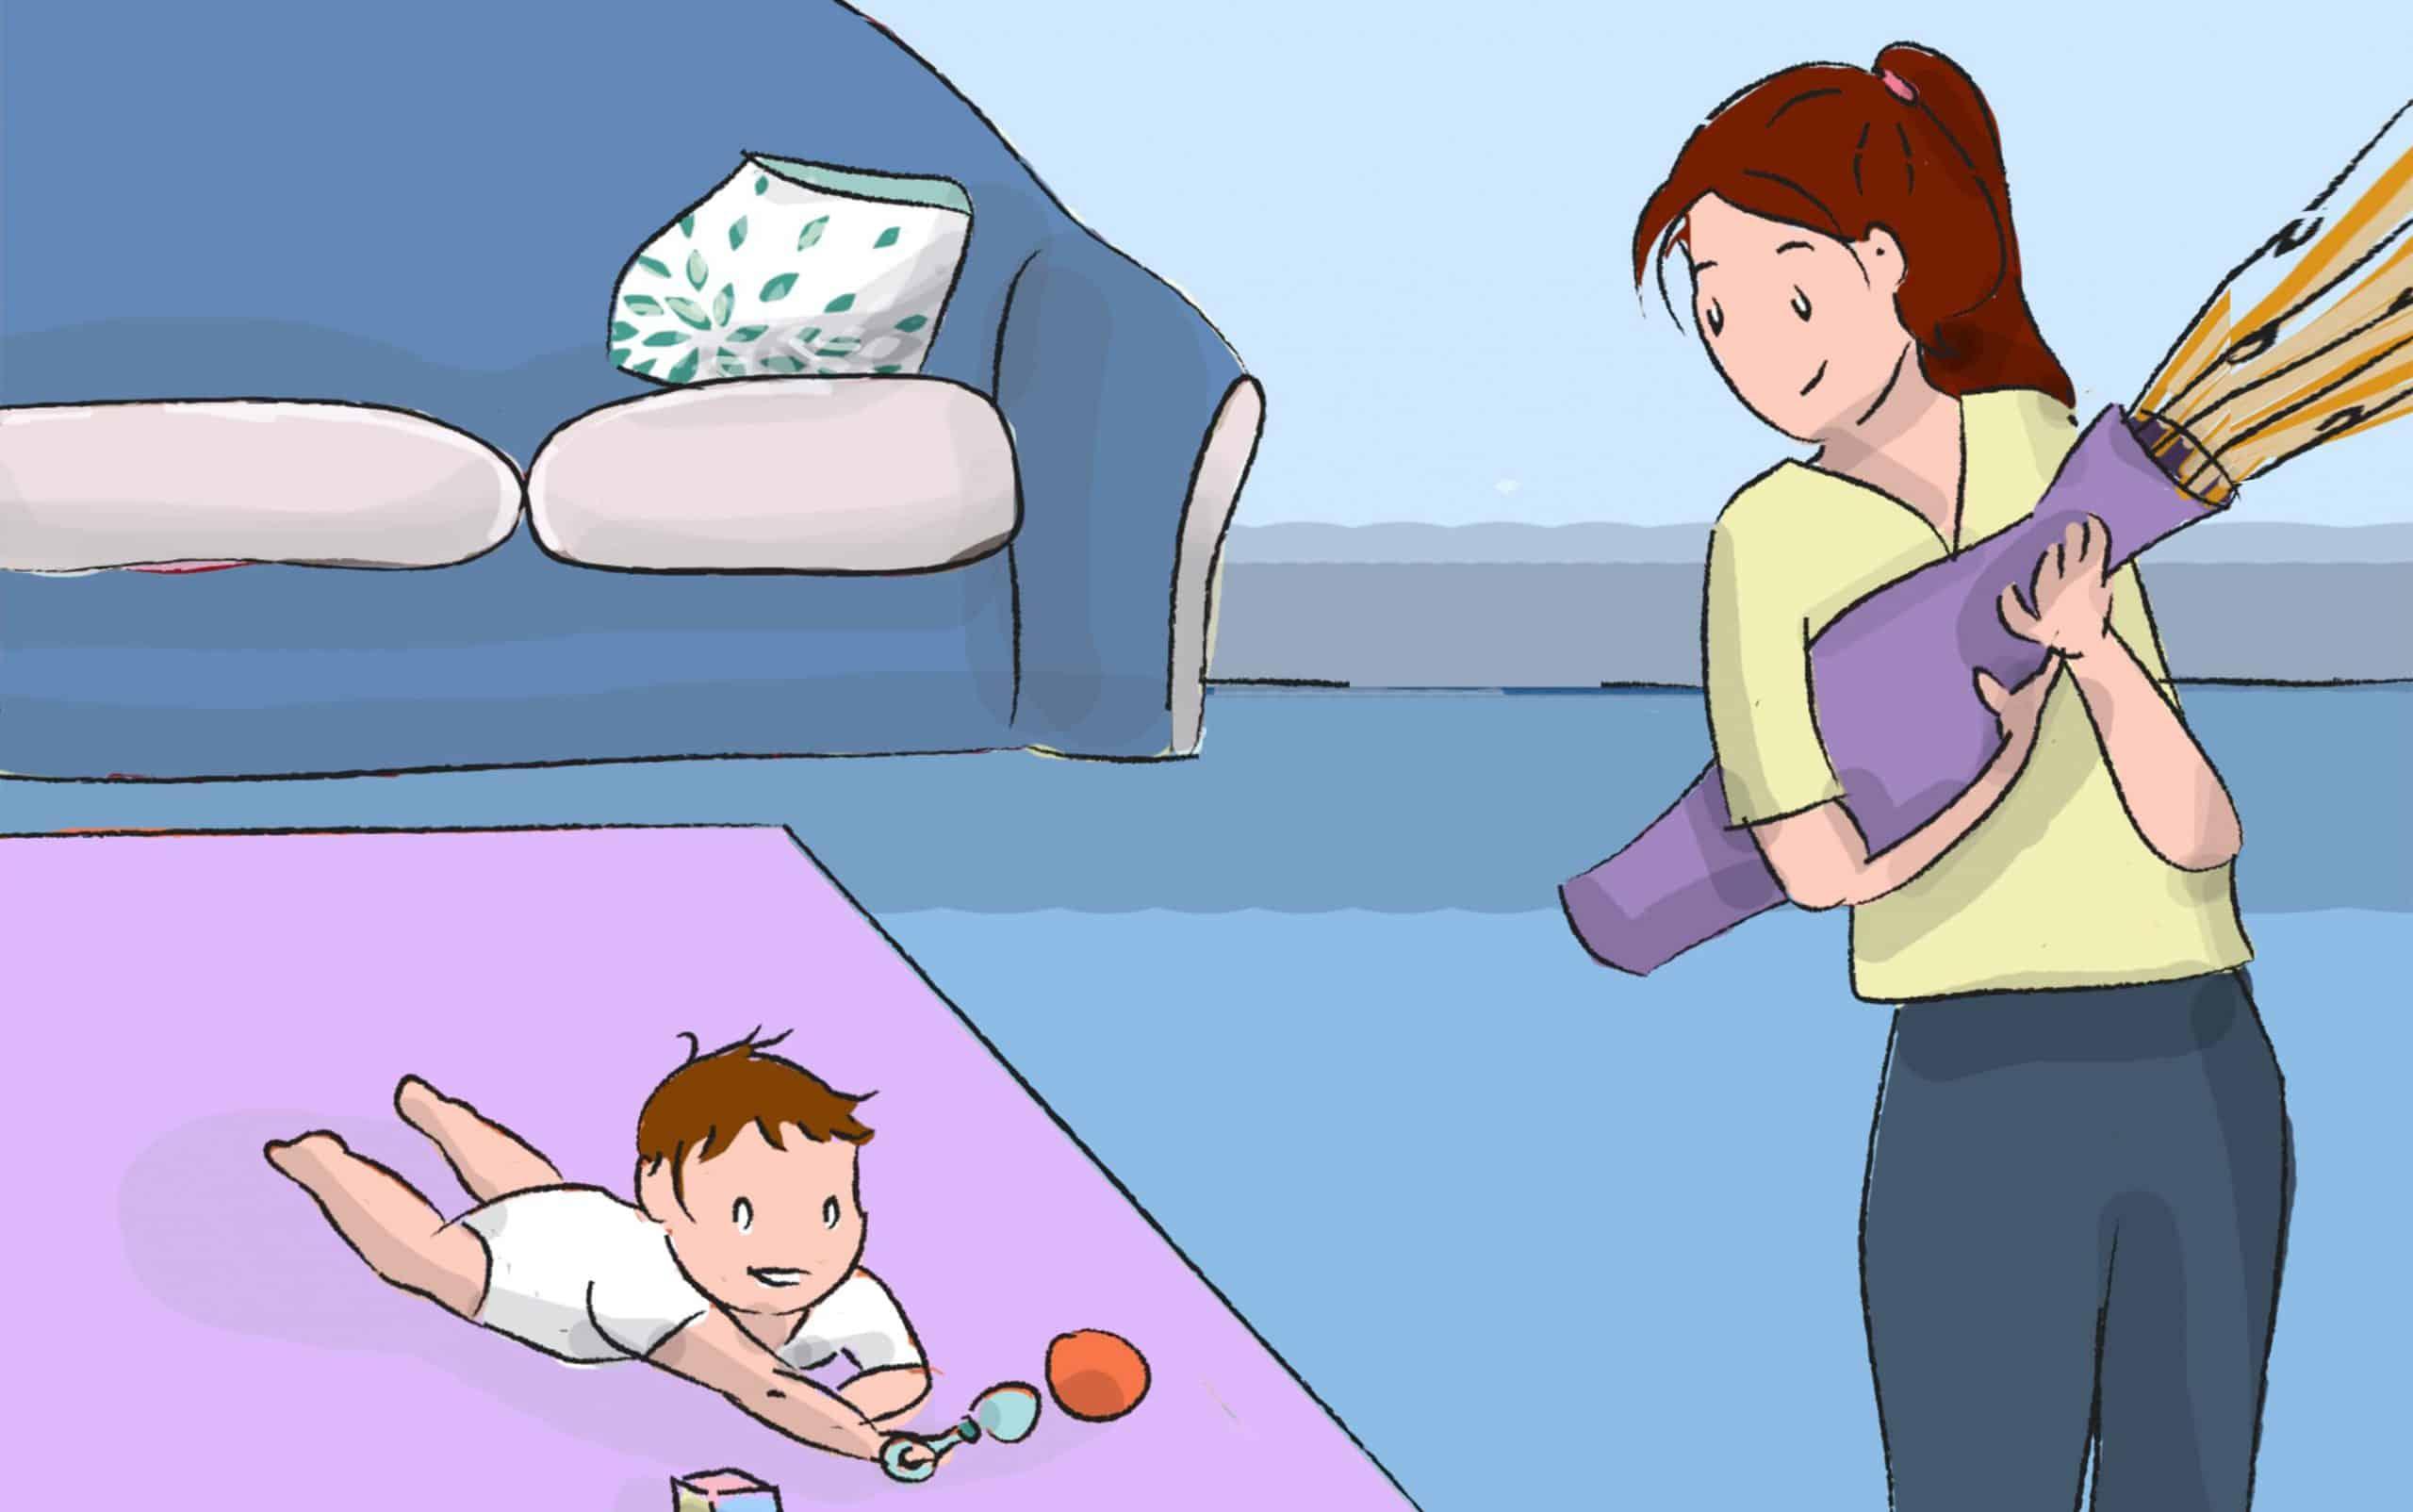 השגיחו על ילדכם בזמן השכיבה על הבטן